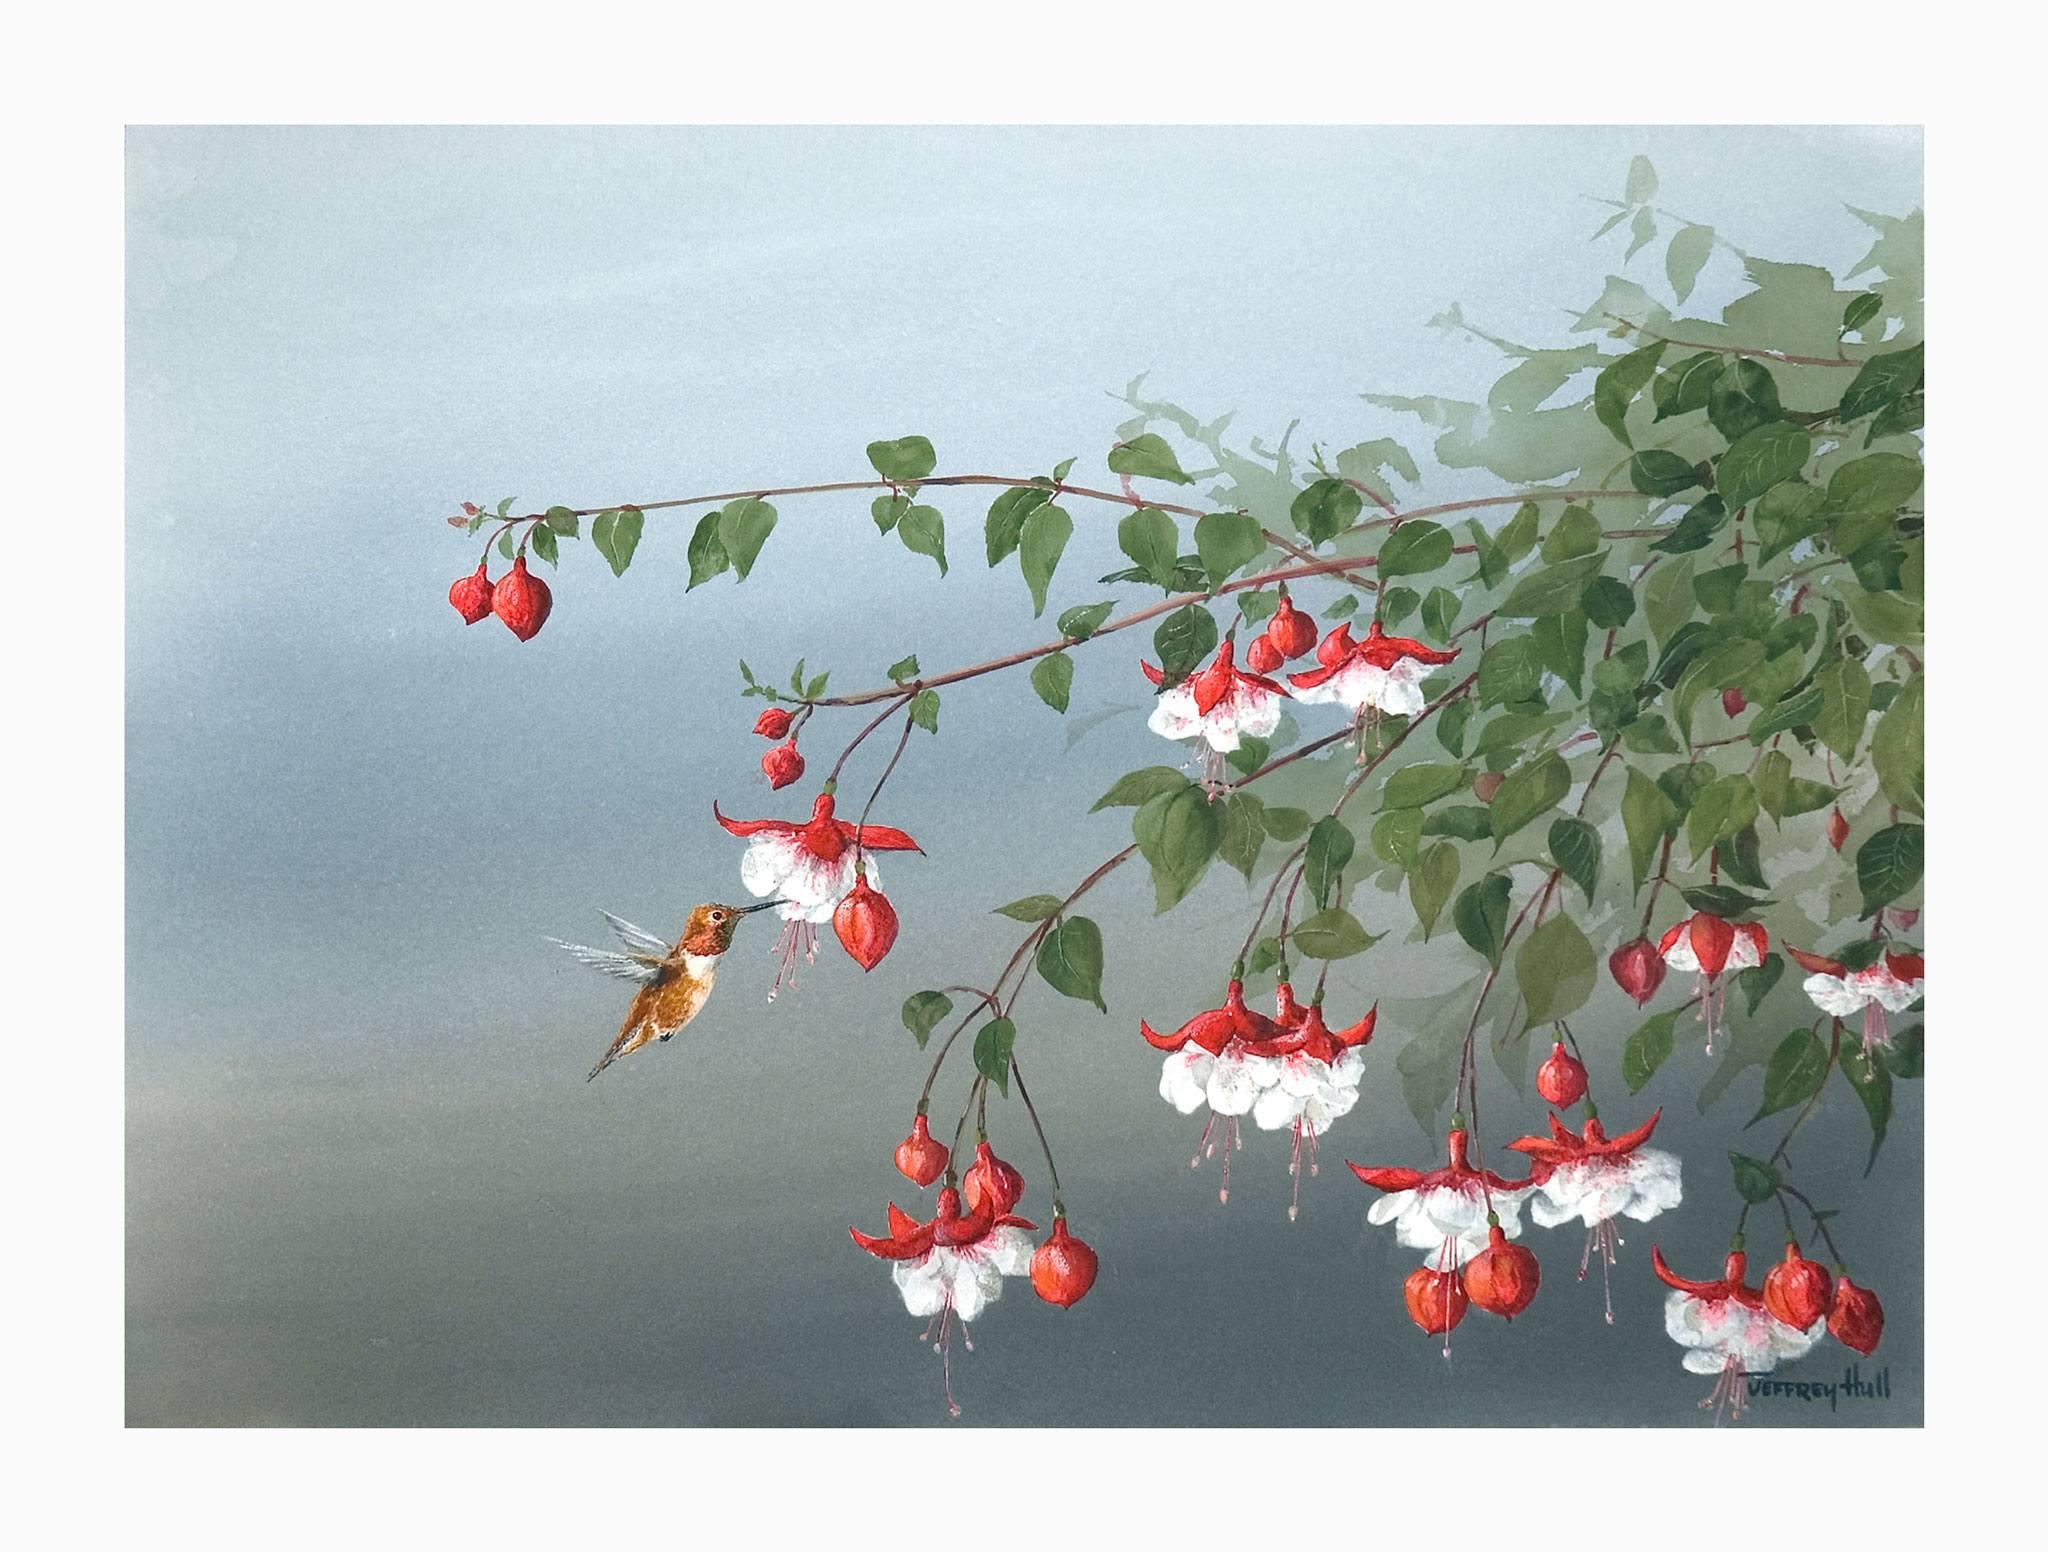 Fuchsia-Blossoms-OpenEd-Unframed-4-Website-2021